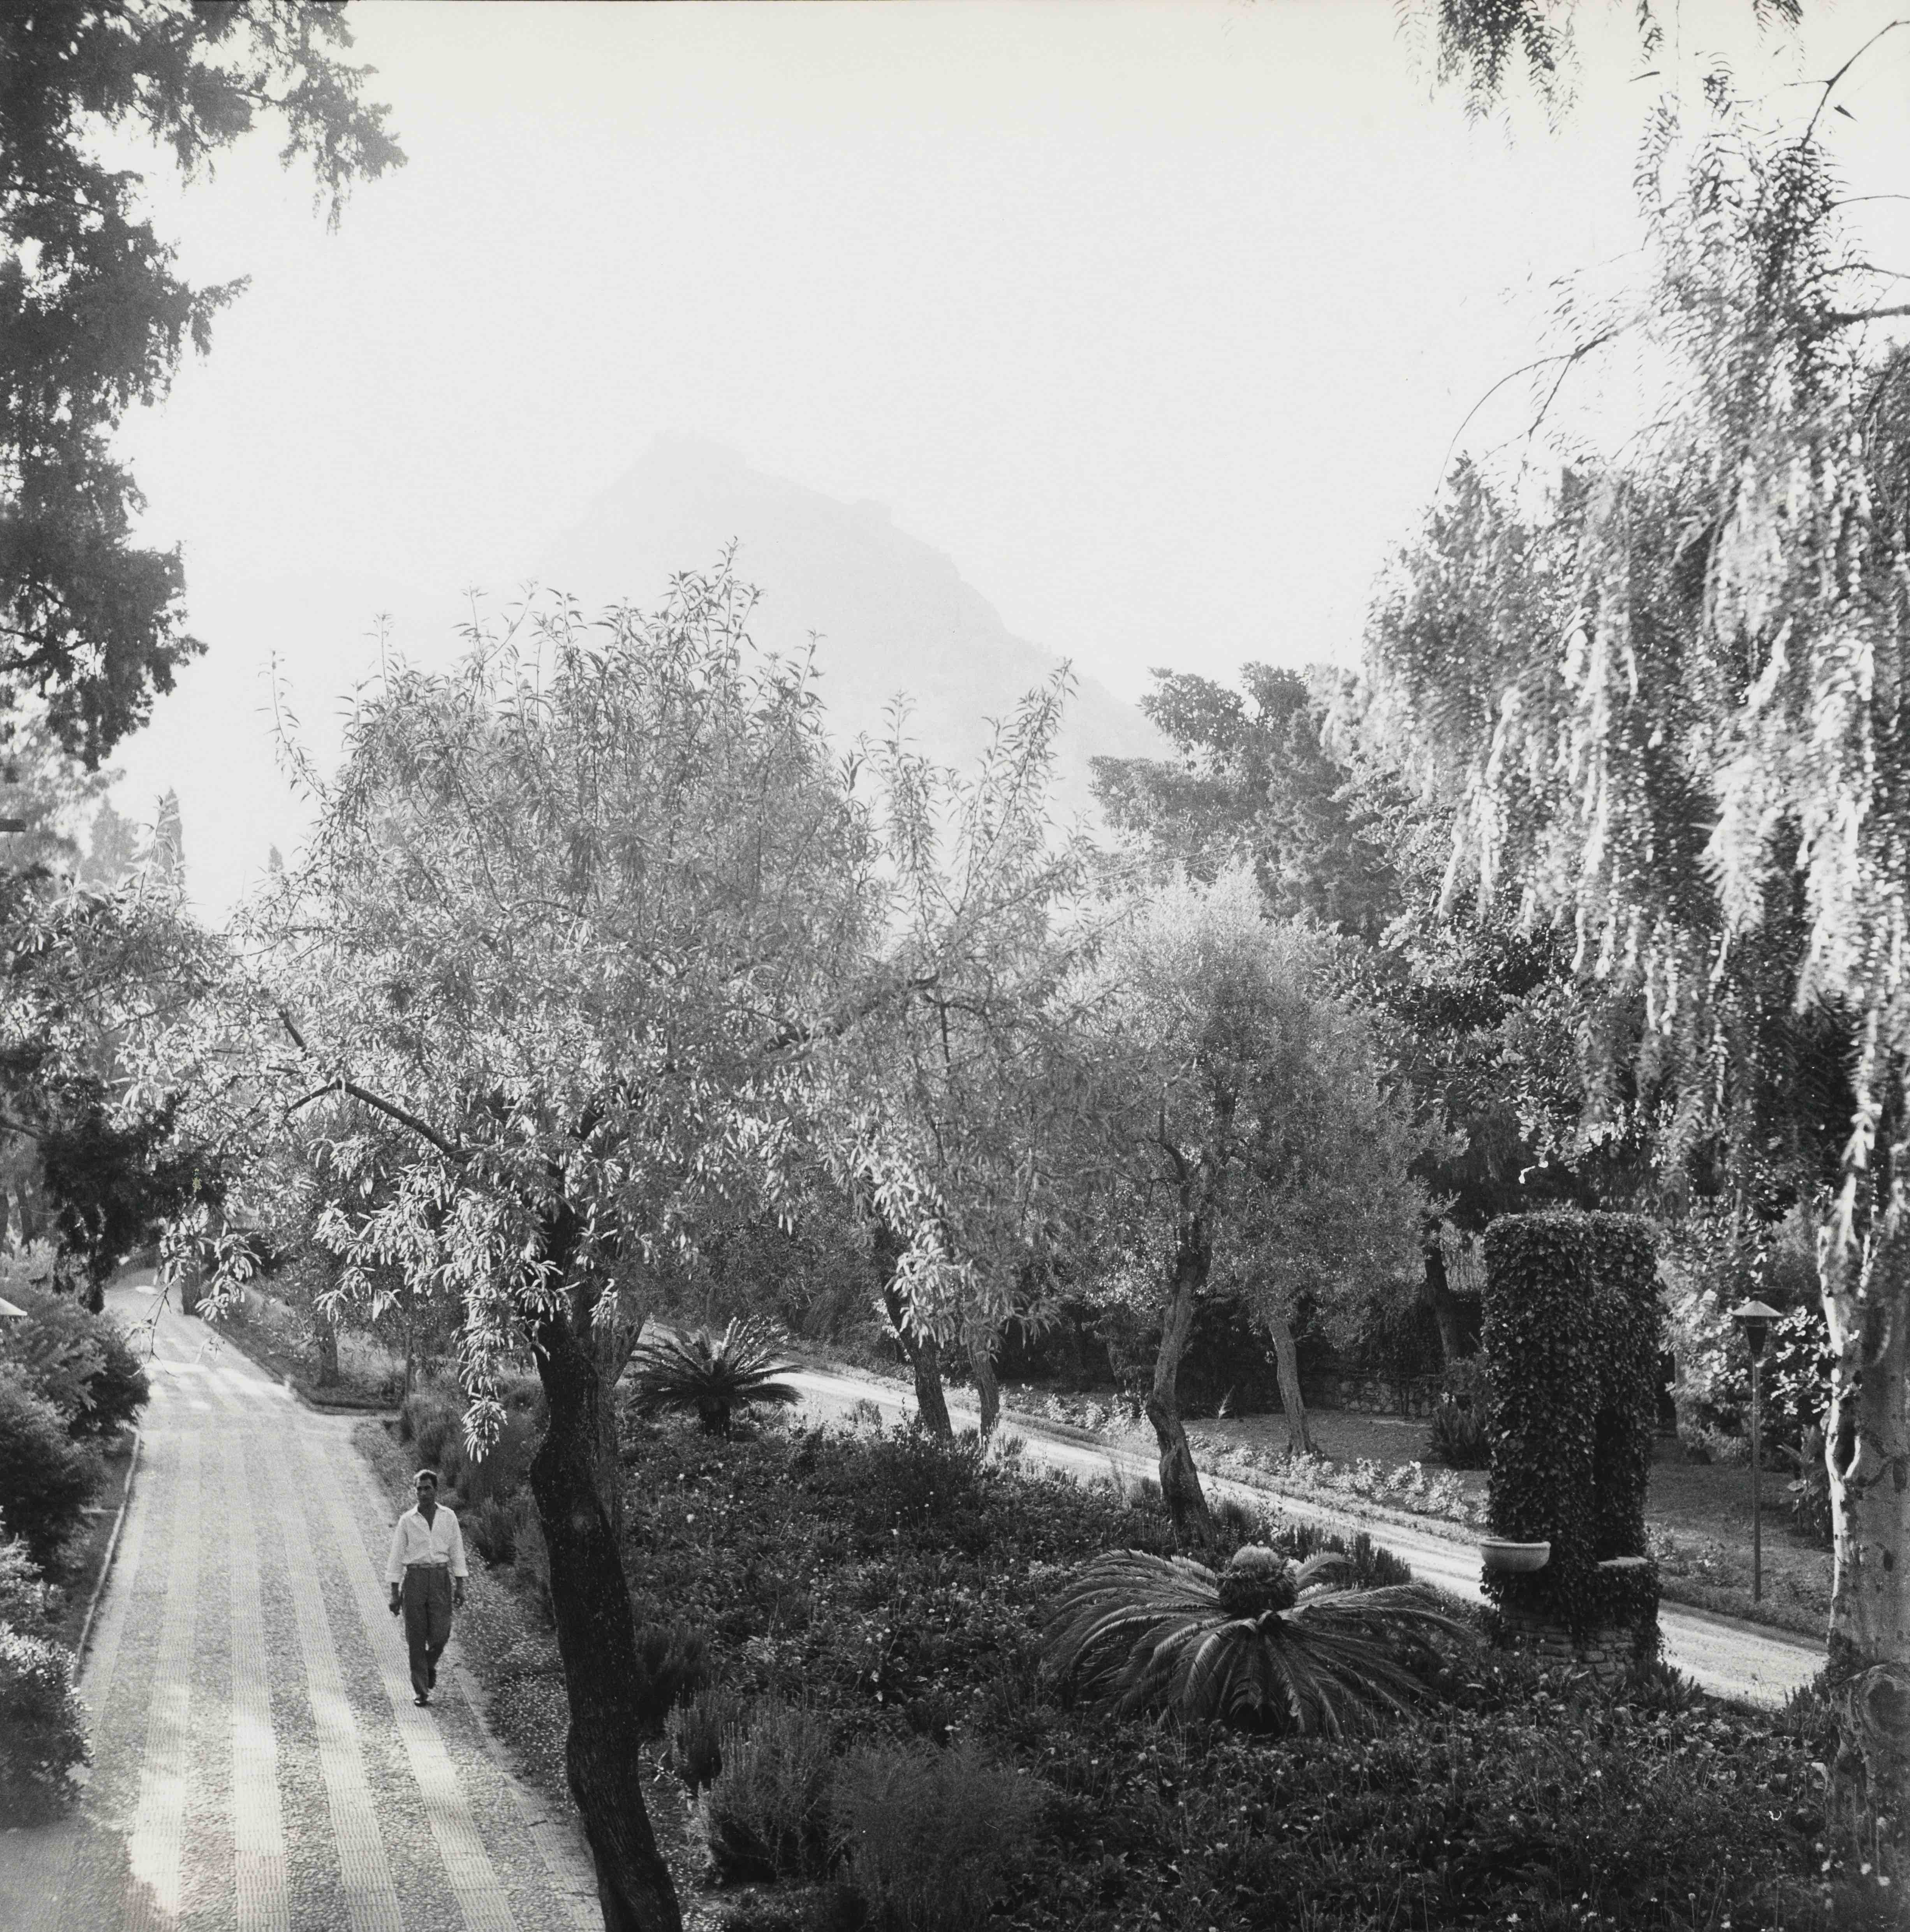 Public Garden, Taormina, Sicily, 1959